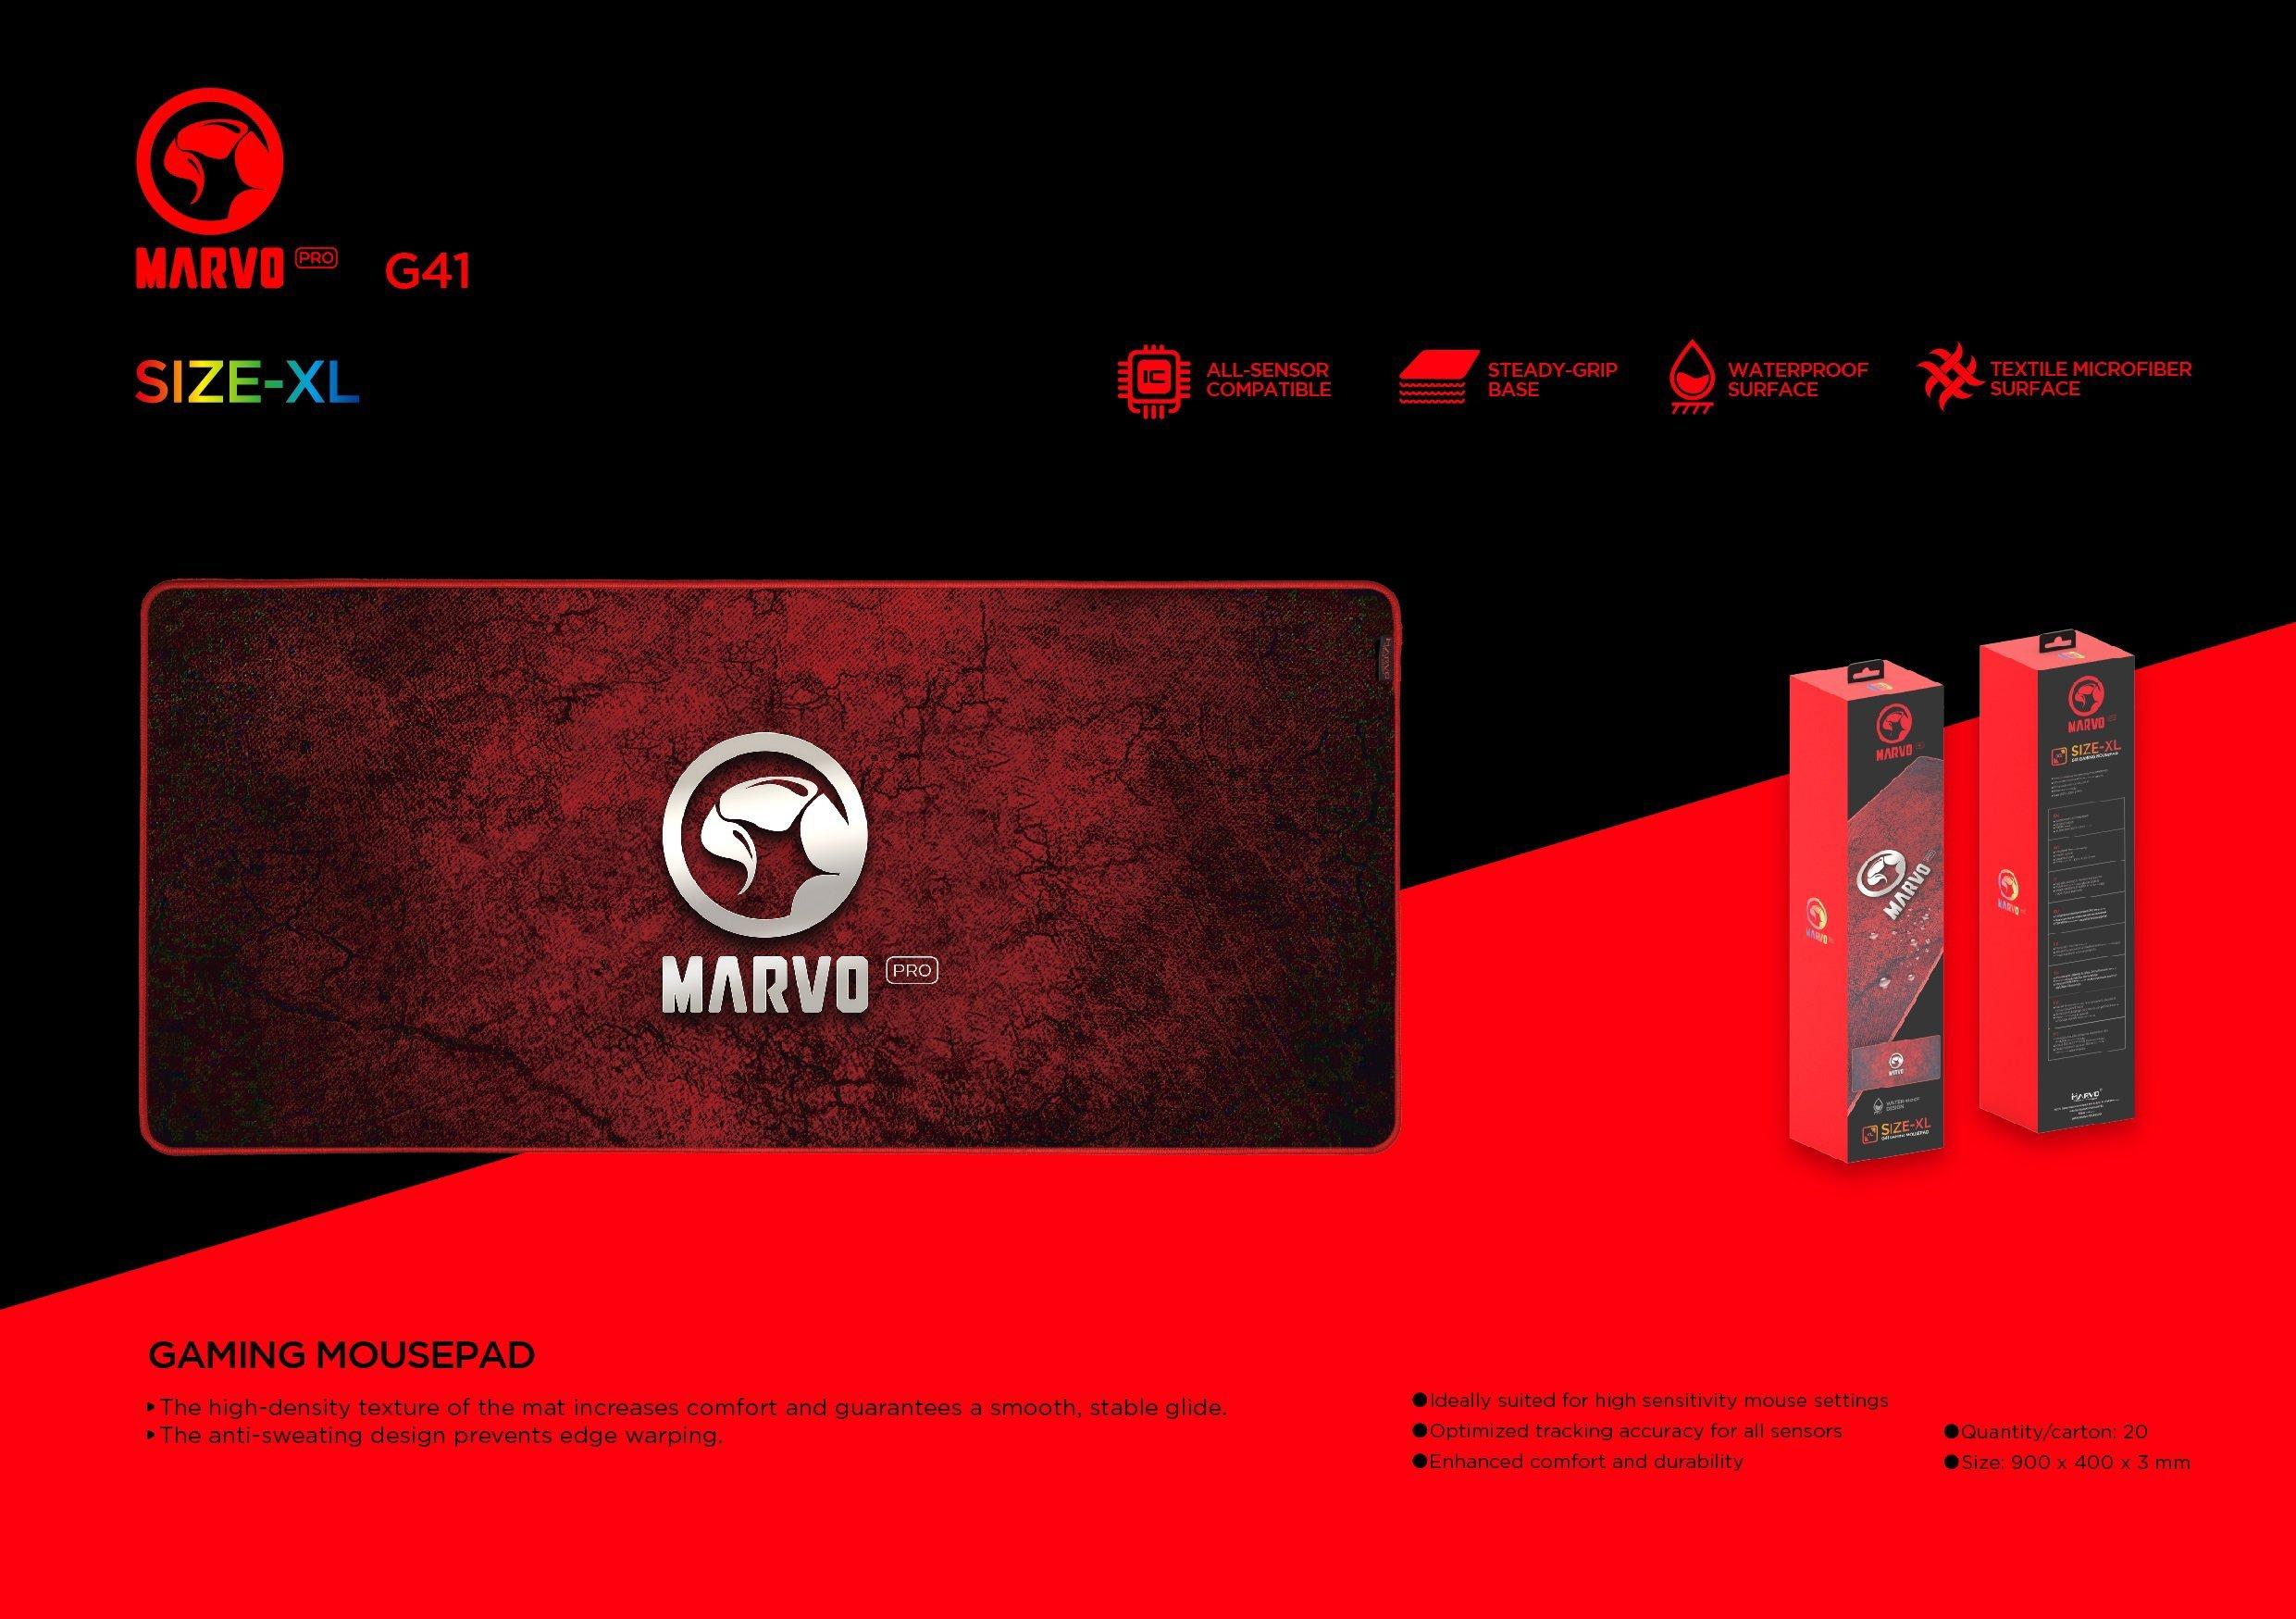 MARVO G41 GAMING MOUSE PAD